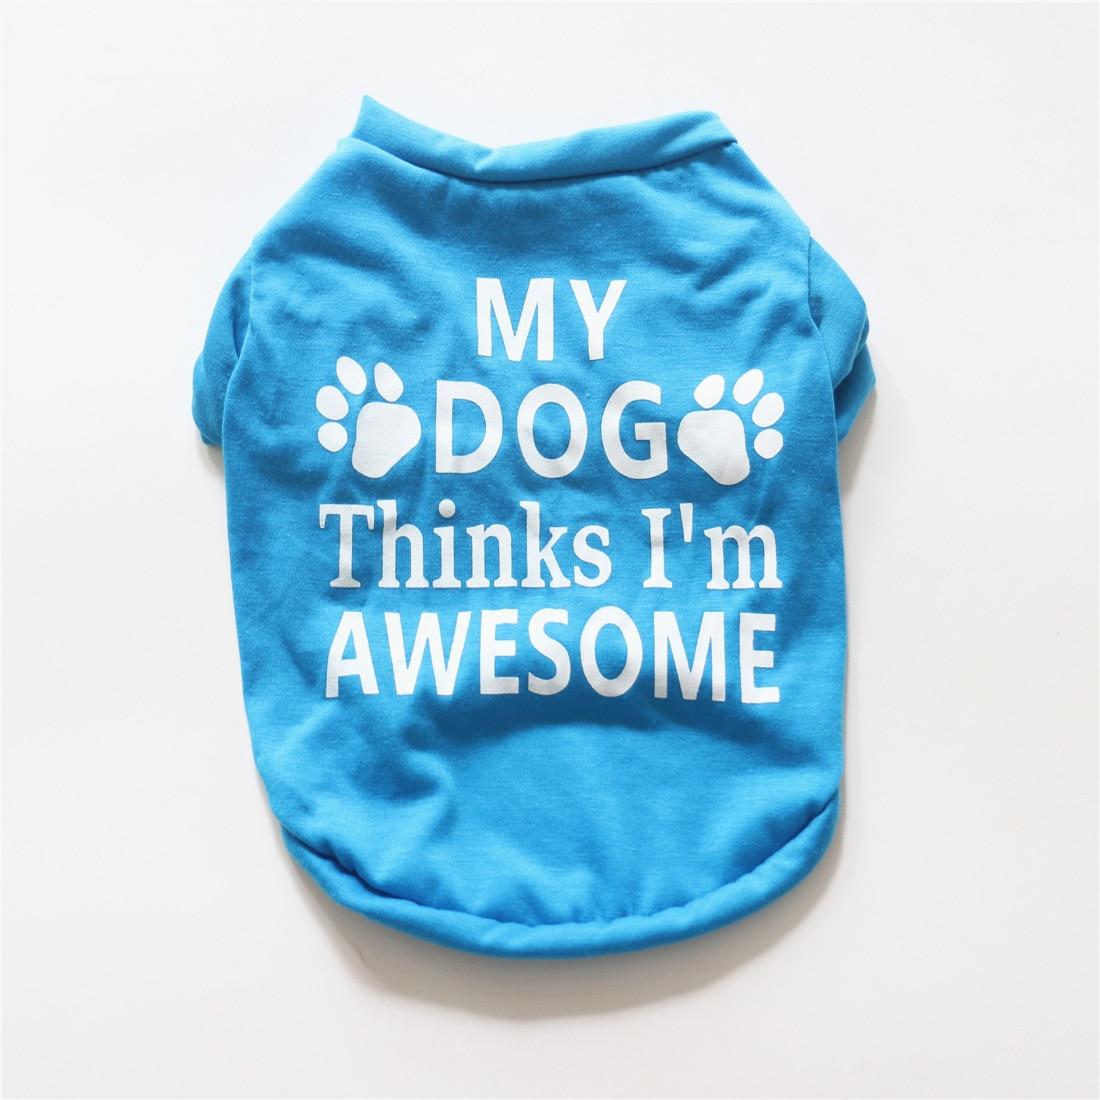 Футболка для домашних животных, удобная дышащая одежда для собак-питомцев, жилет, футболка, одежда для собак, кошек, летние рубашки, повседневные жилеты для чихуахуа